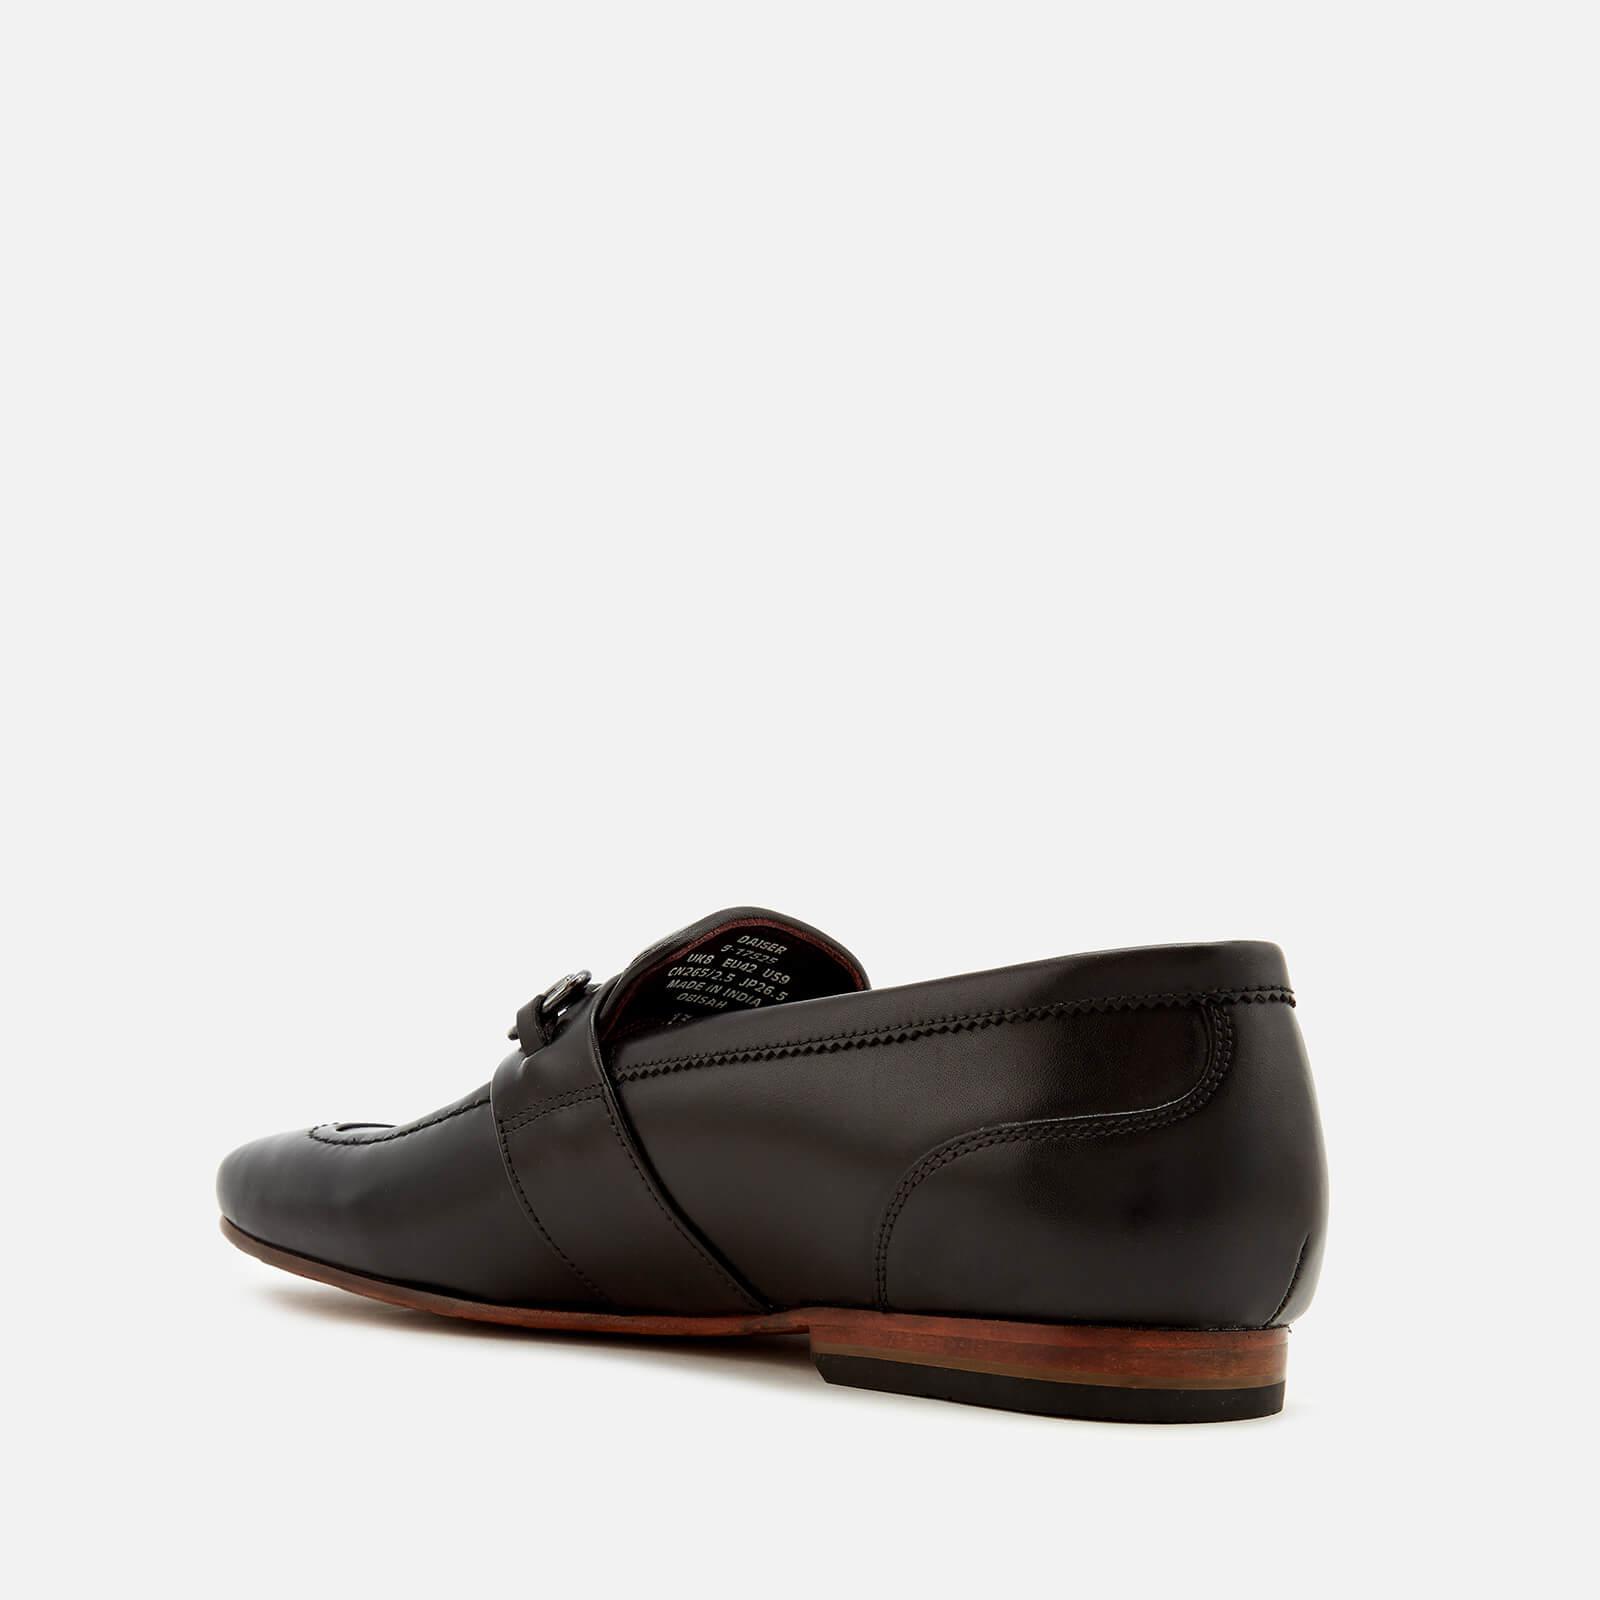 cb036f102e0d1 Ted Baker - Black Daiser Leather Loafers for Men - Lyst. View fullscreen